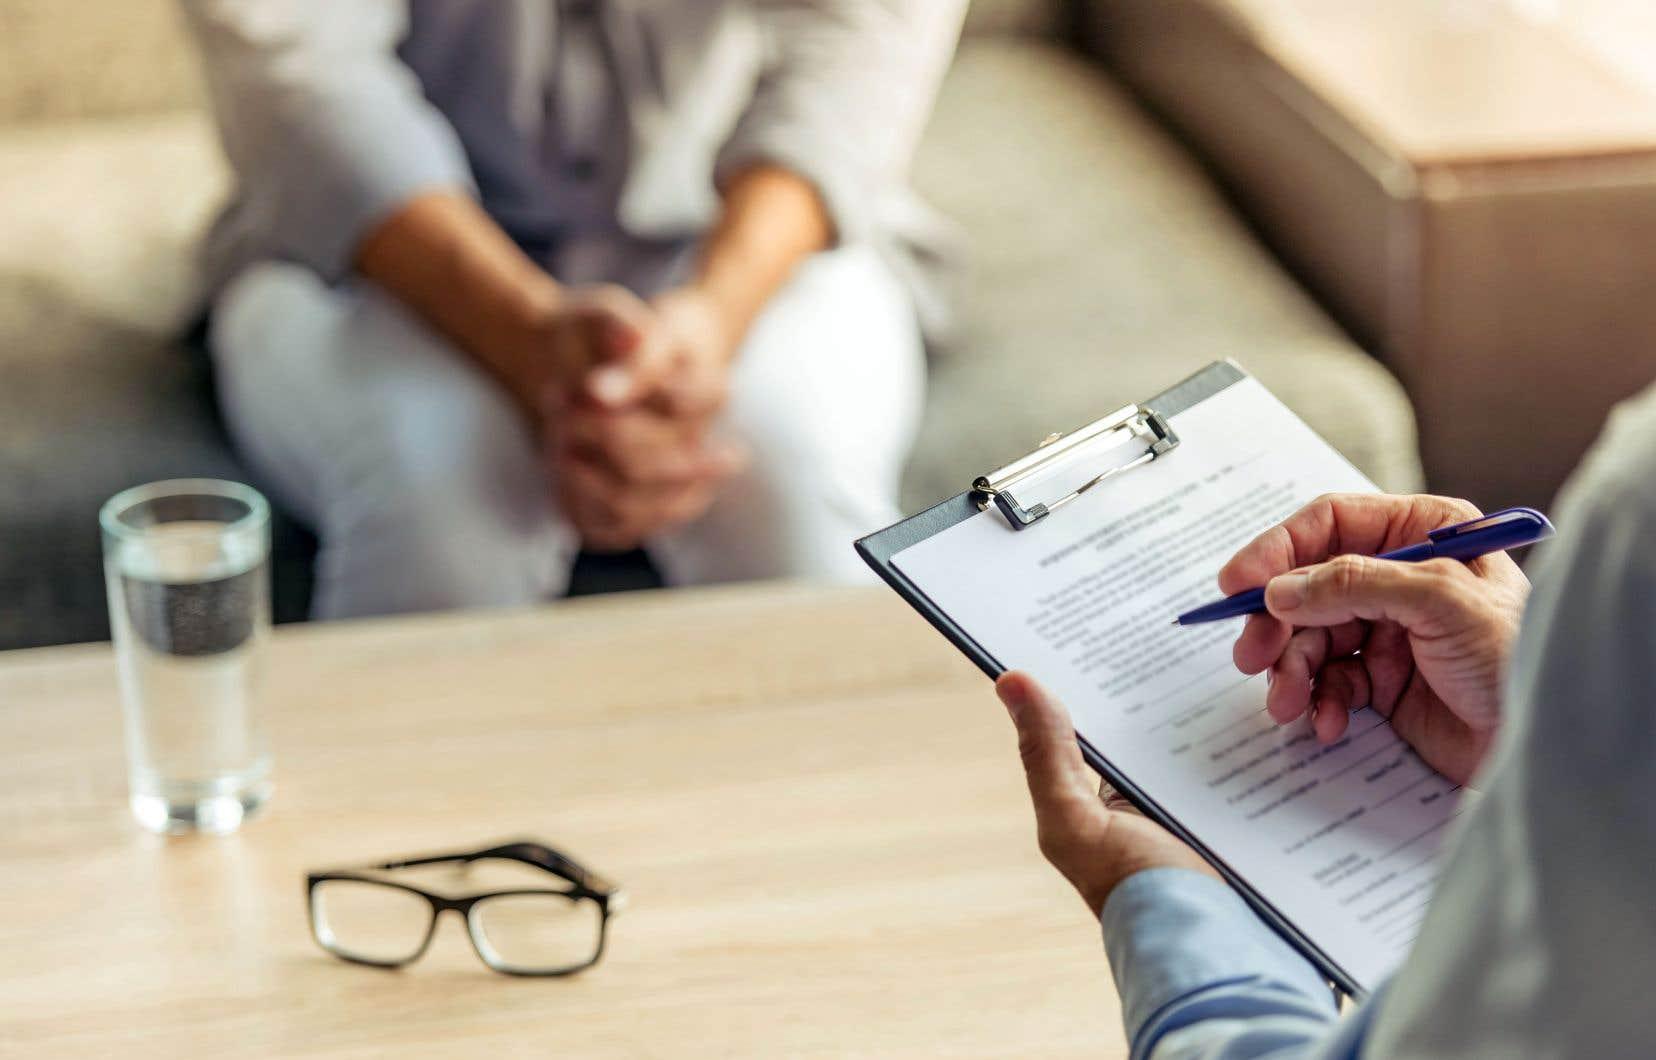 La formation continue est balisée depuis 2012 pour les membres exerçant la psychothérapie. Ils doivent suivre 90heures de formation tous les cinq ans.